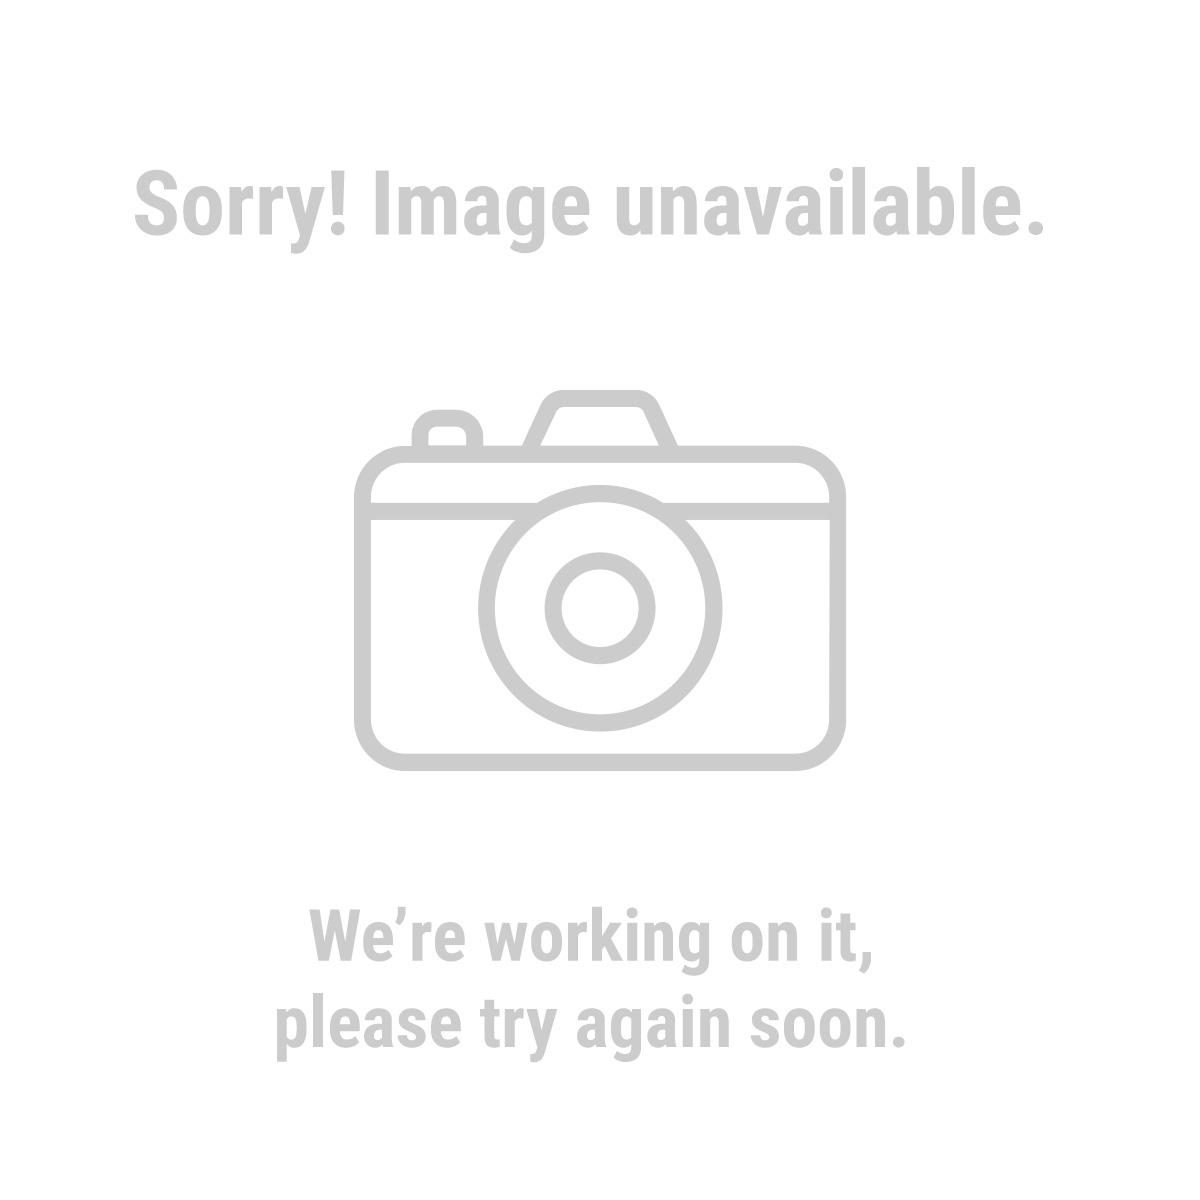 HFT 41445 100 Ft. x 12 Gauge Outdoor Extension Cord